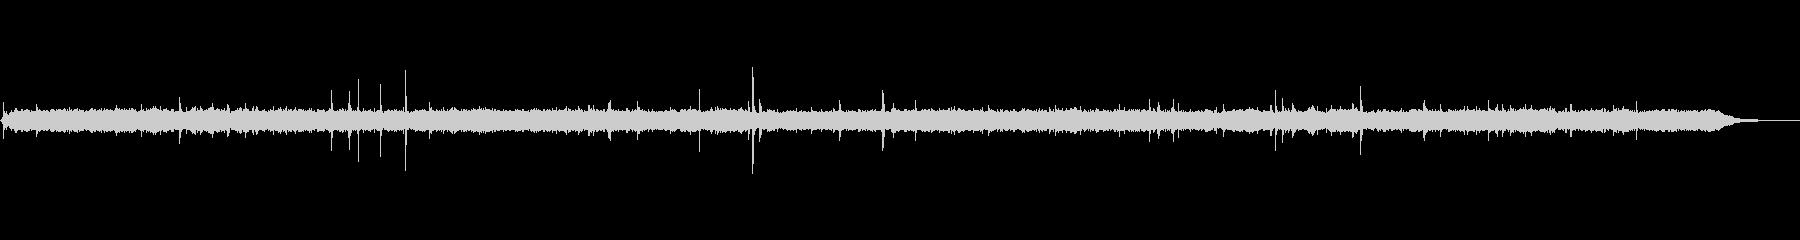 掃除機の音 (長め)の未再生の波形